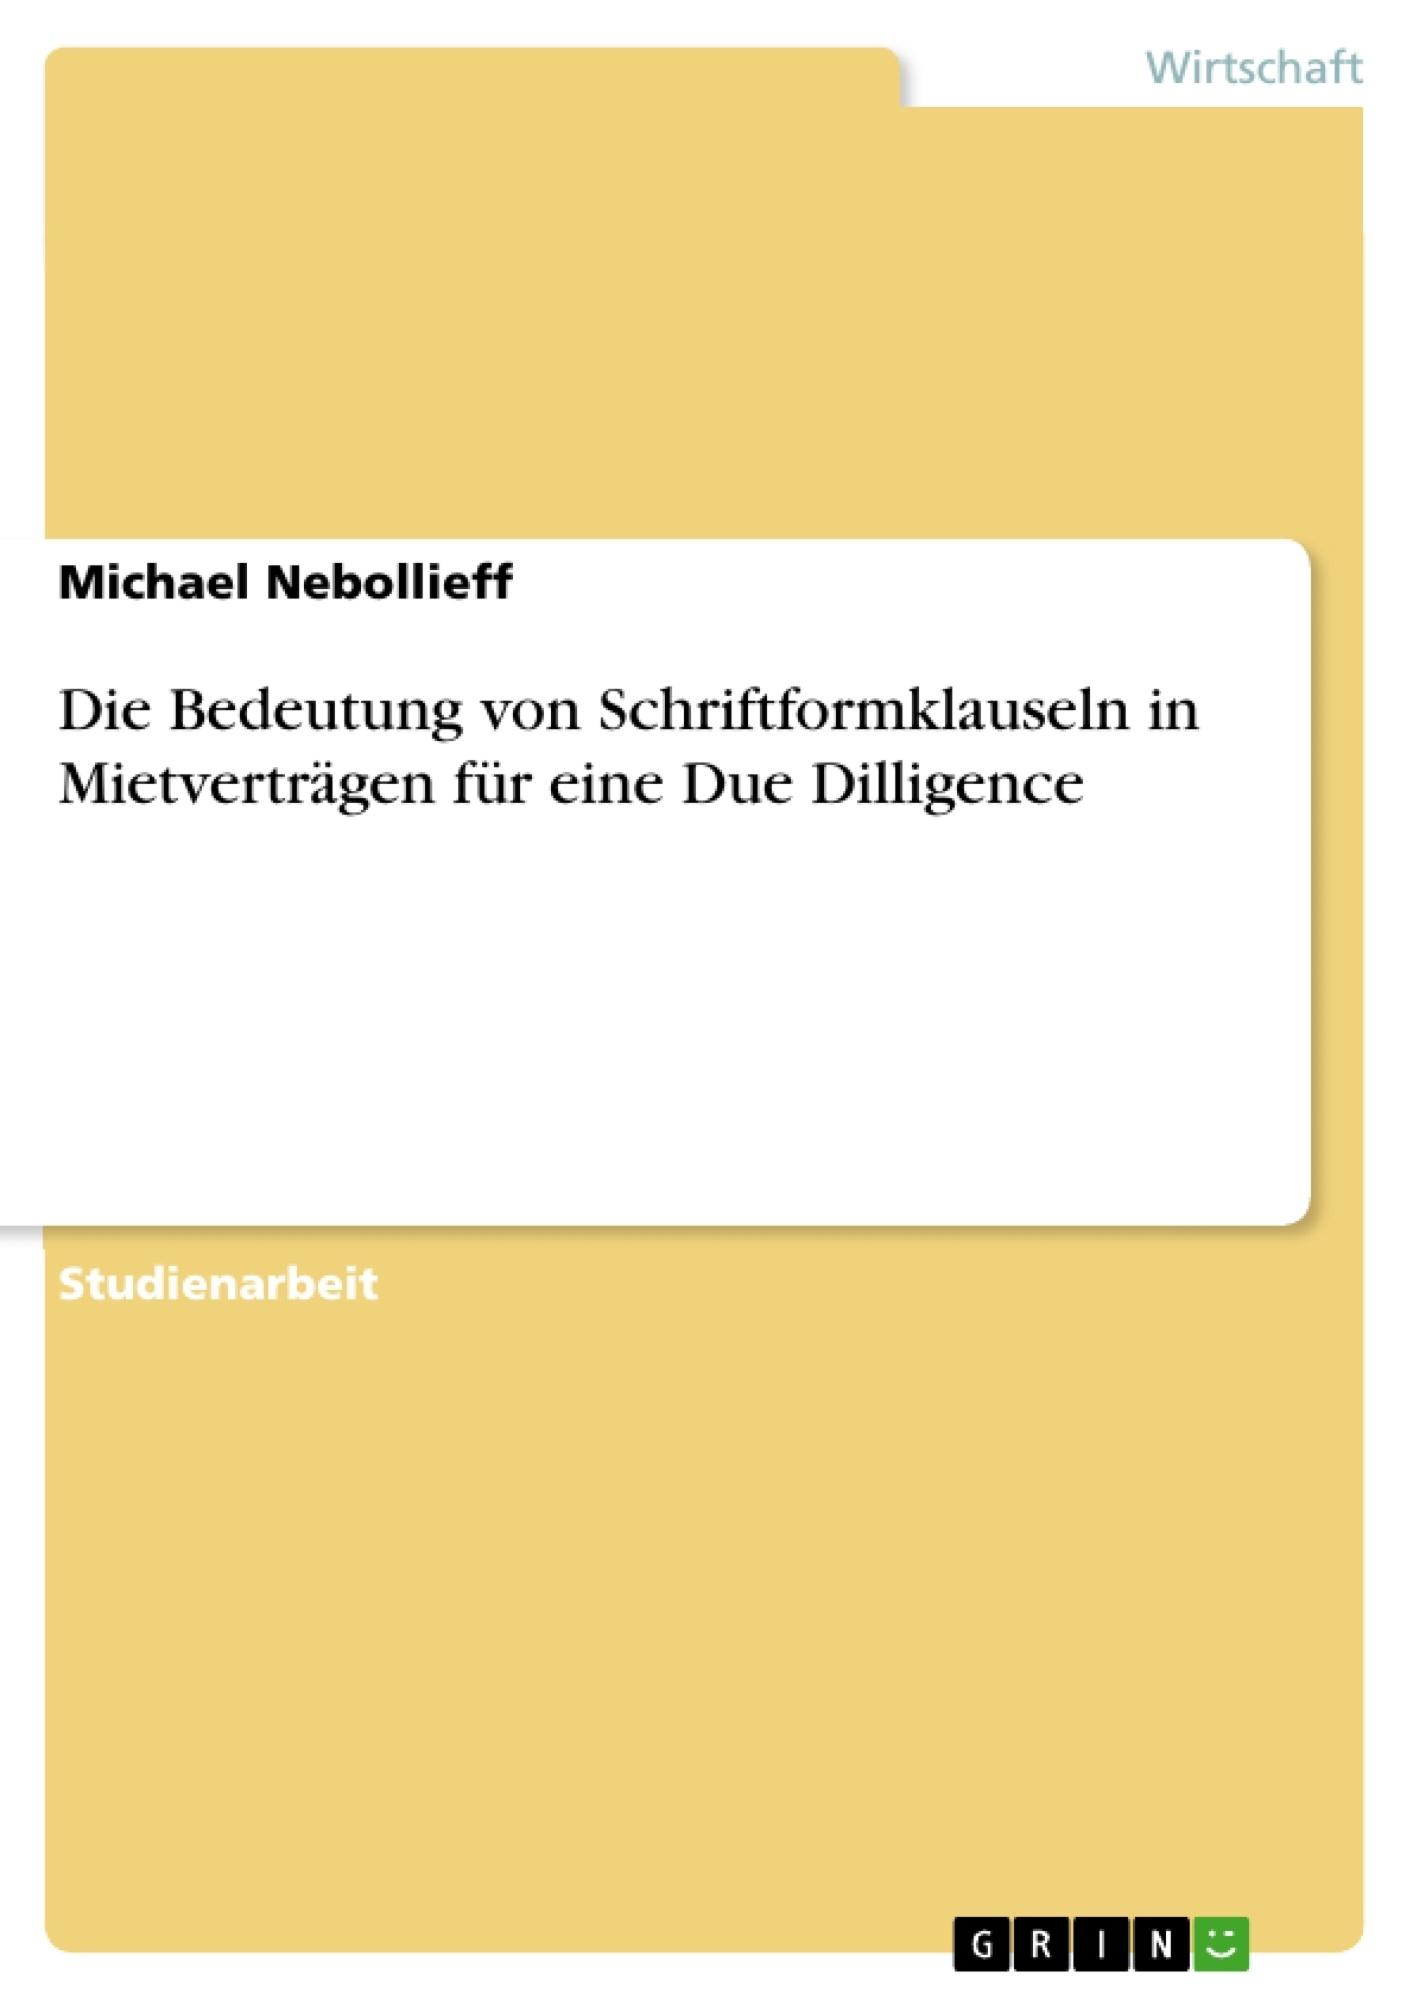 Titel: Die Bedeutung von Schriftformklauseln in Mietverträgen für eine Due Dilligence